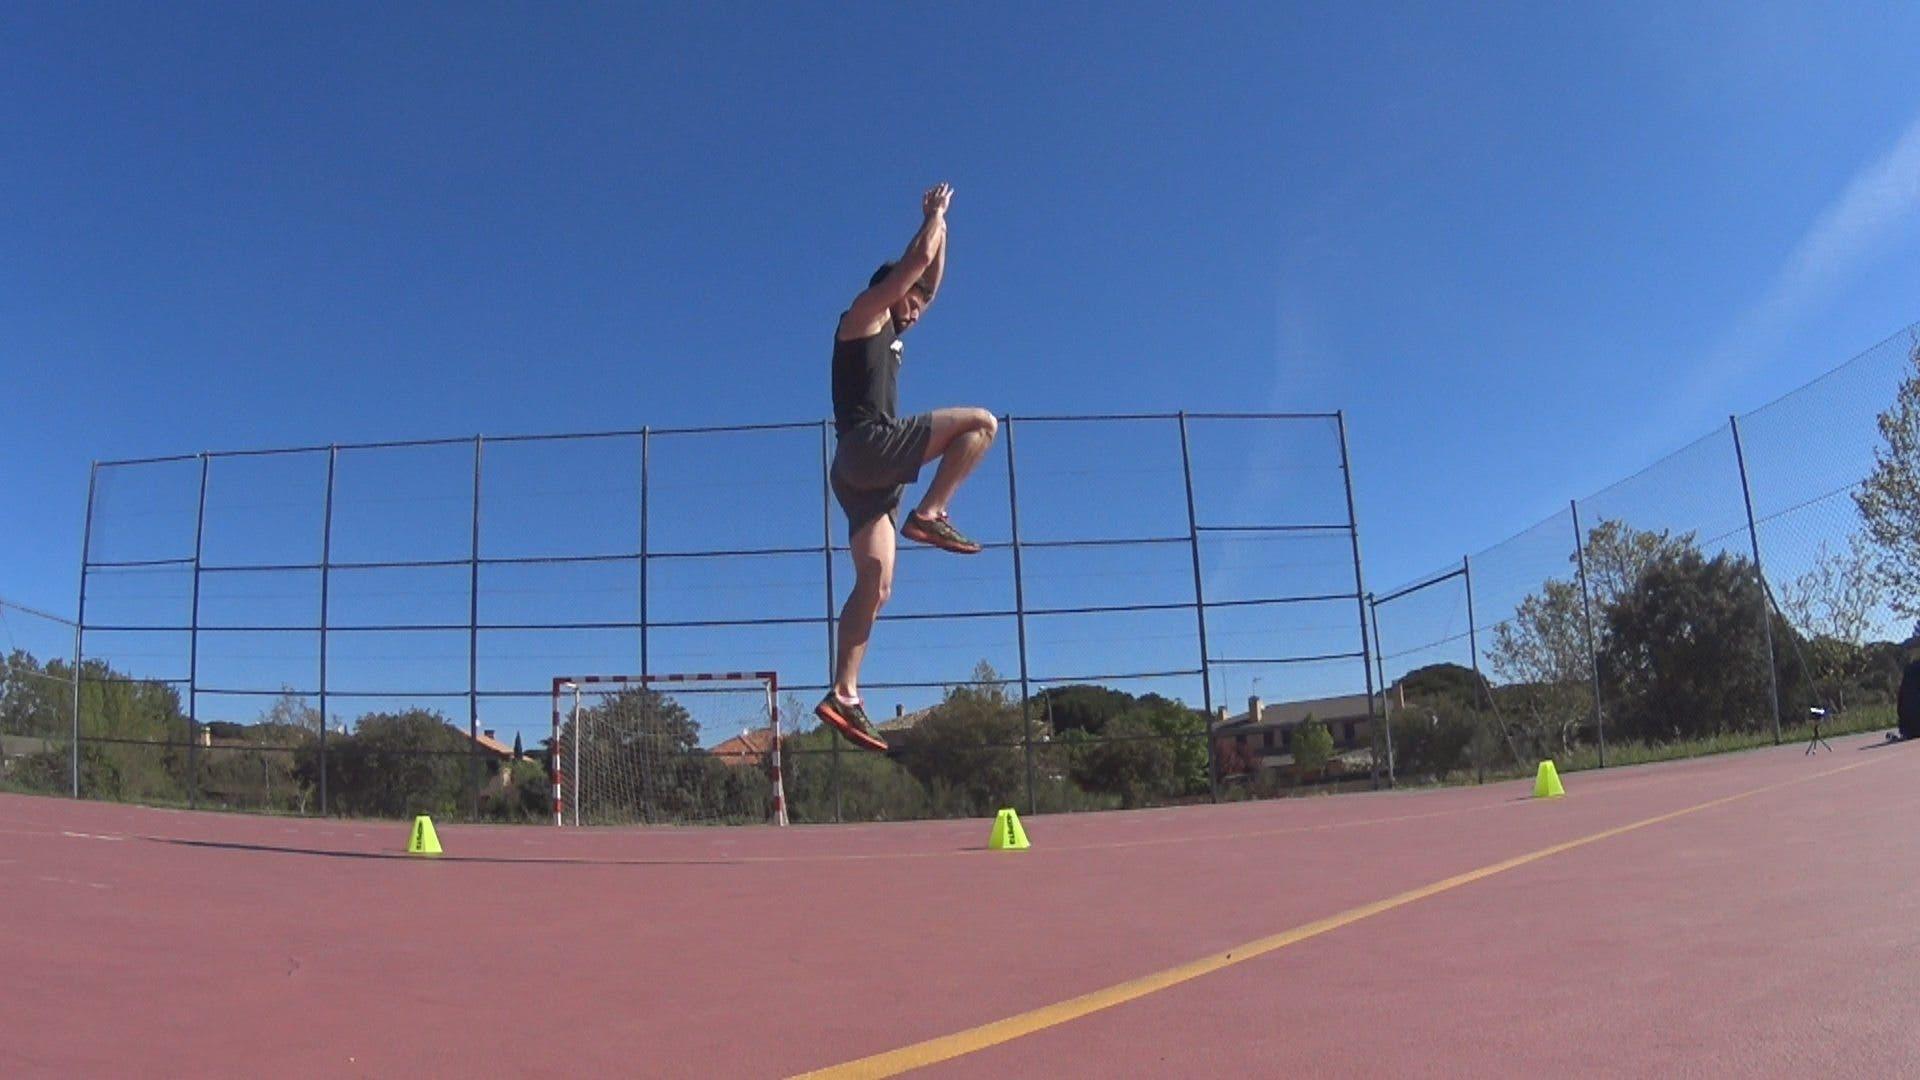 Entrenamiento de nivel básico para aumentar el salto en